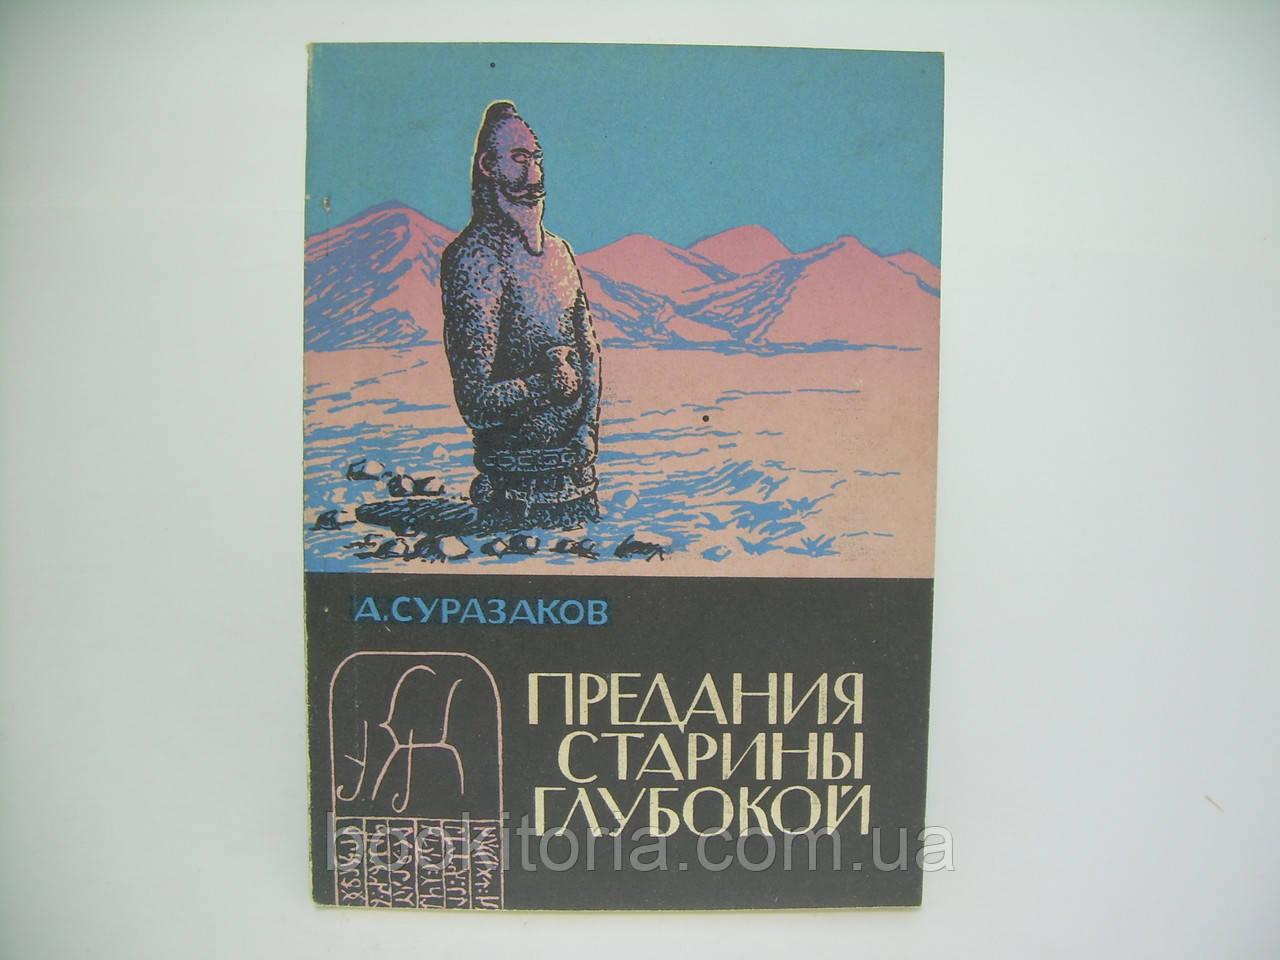 Суразаков А. Предания старины глубокой (б/у).